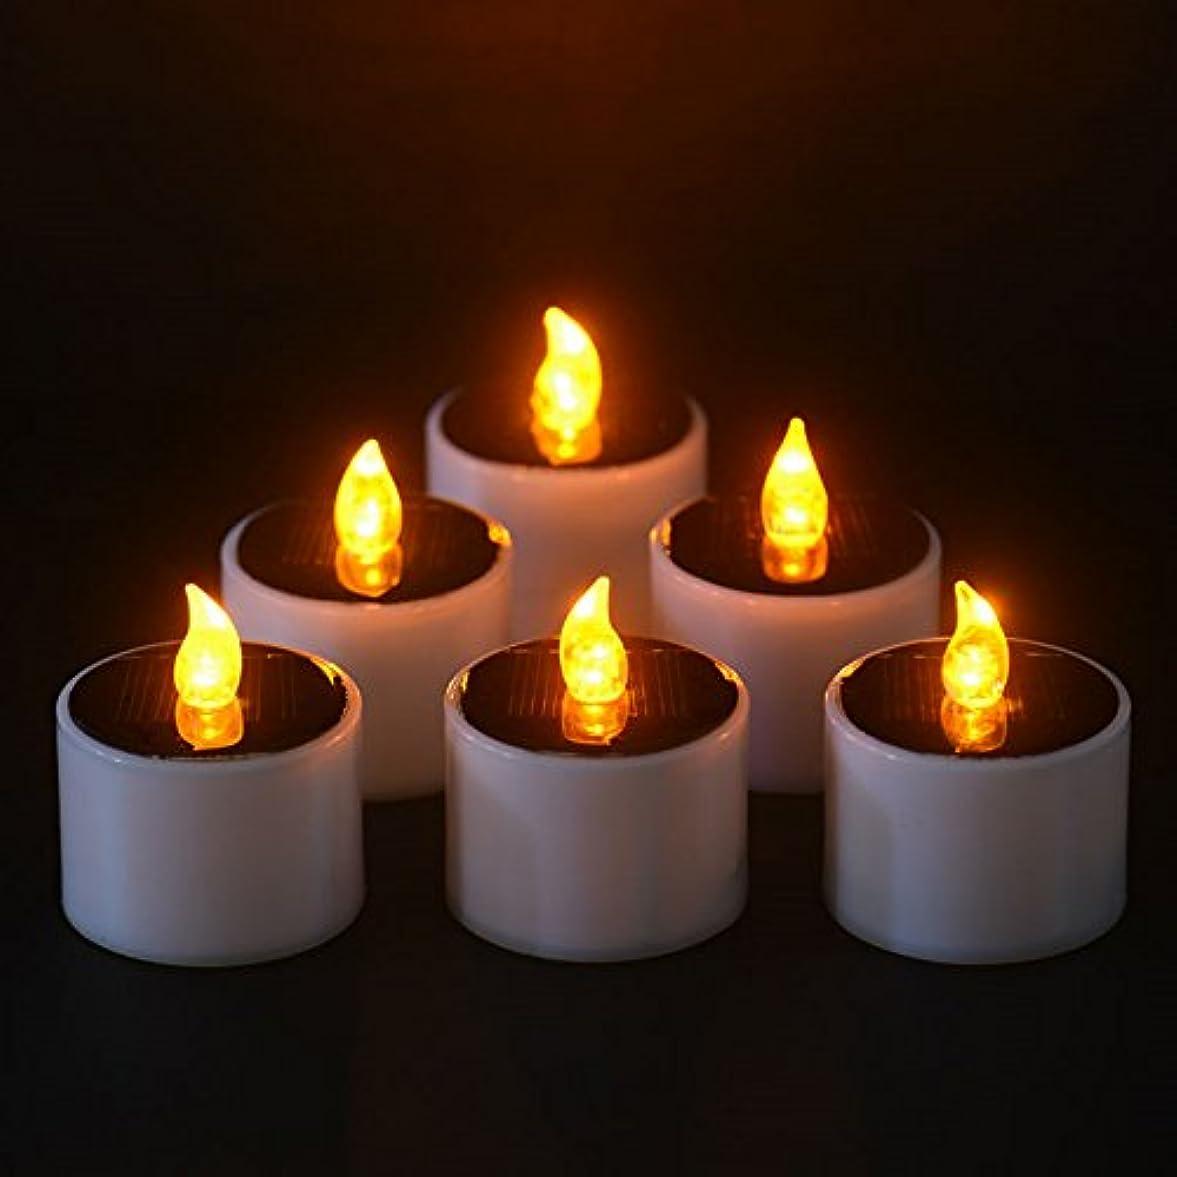 ソーラーキャンドル、ソーラー電源電子常夜灯LEDキャンドルライトFlameless Tealightsちらつきキャンドル、イエロー、6個のパック